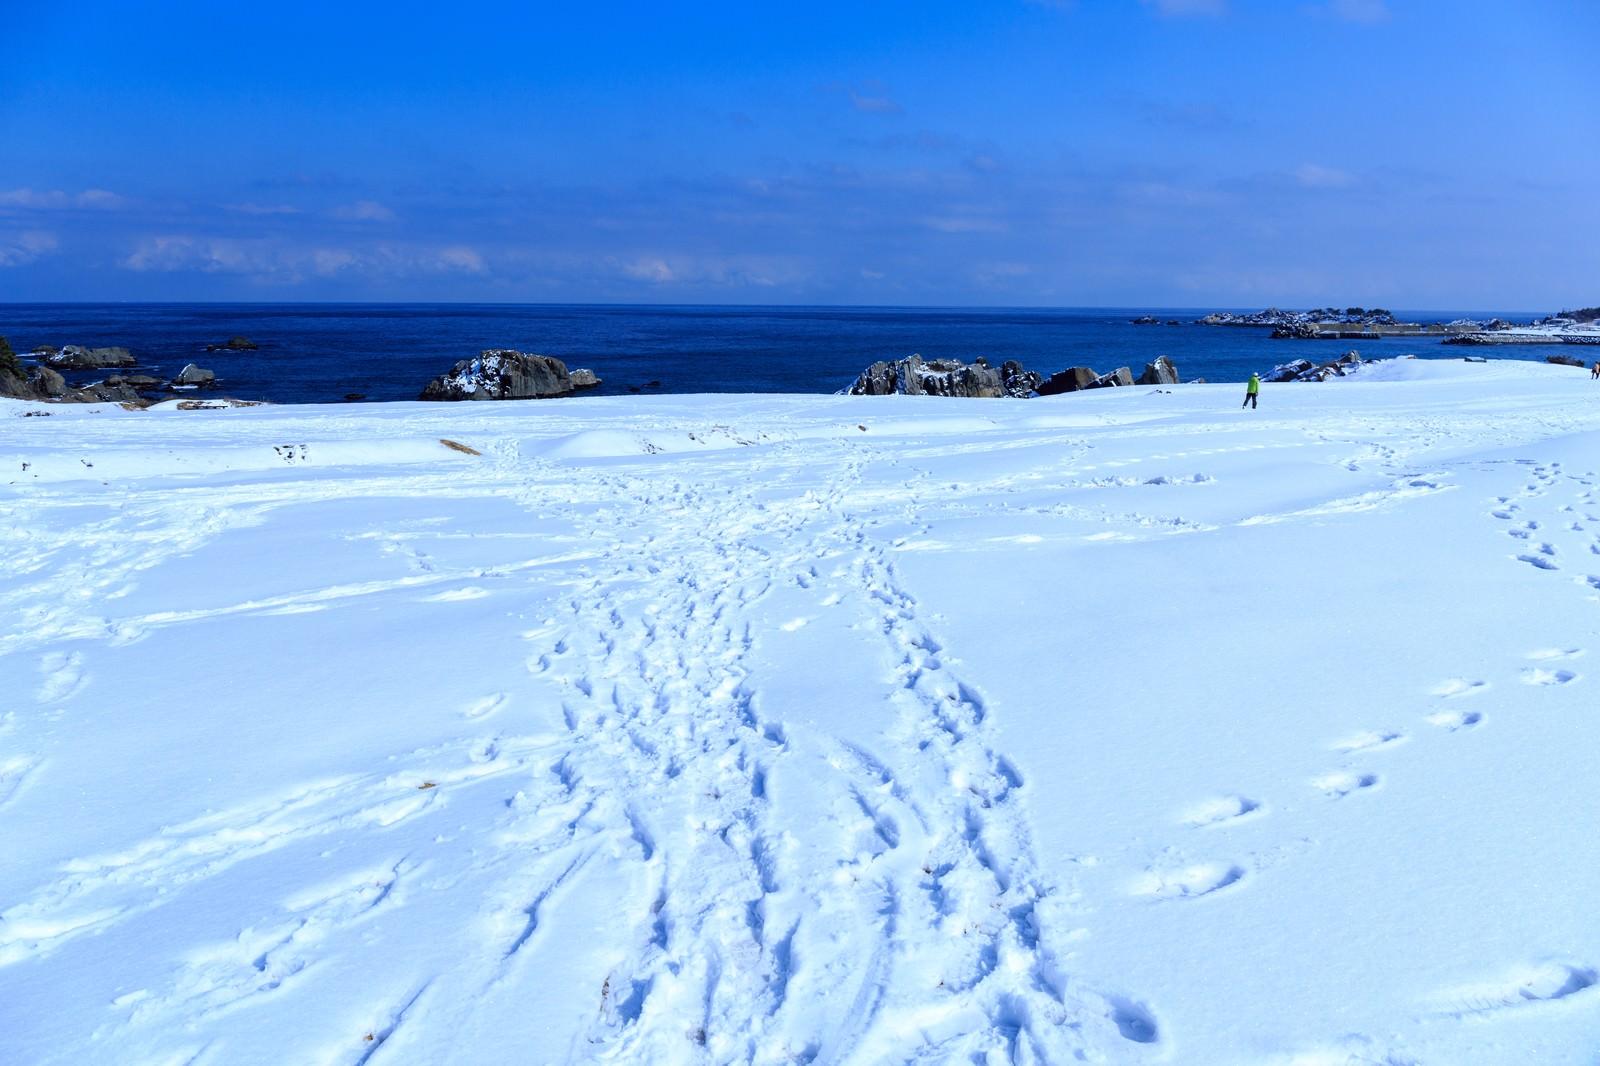 「雪の種差海岸雪の種差海岸」のフリー写真素材を拡大